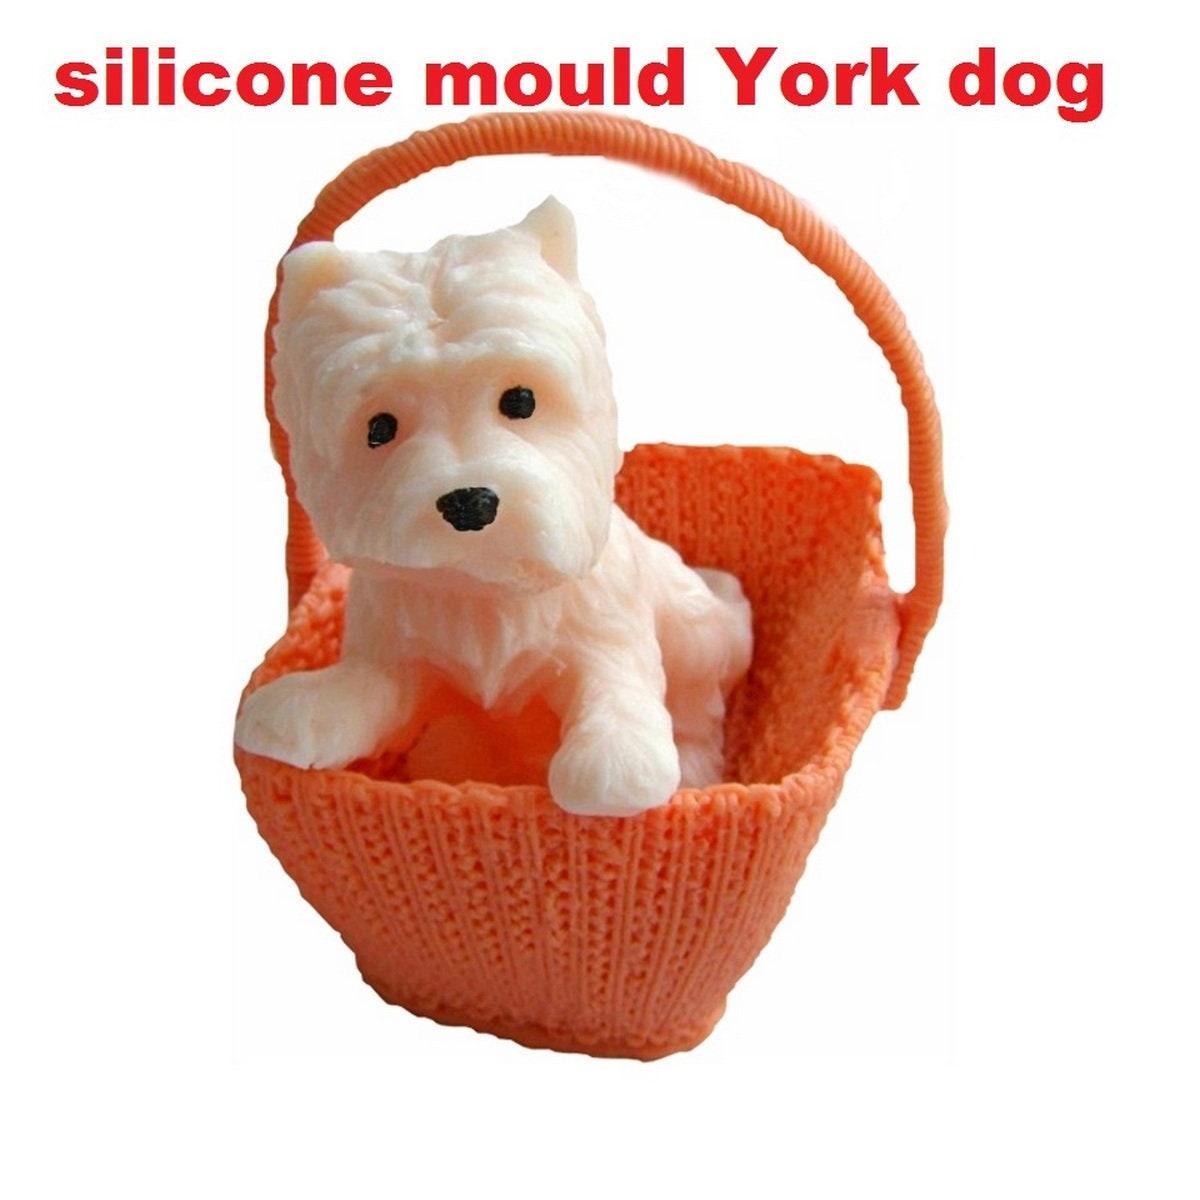 Animaux moule savon moules moules en silicone York chien chien chien savon fabrication Fabrication de moules en silicone moule moules pour savon personnalisé savon moule en silicone moules de savon 0a98bf